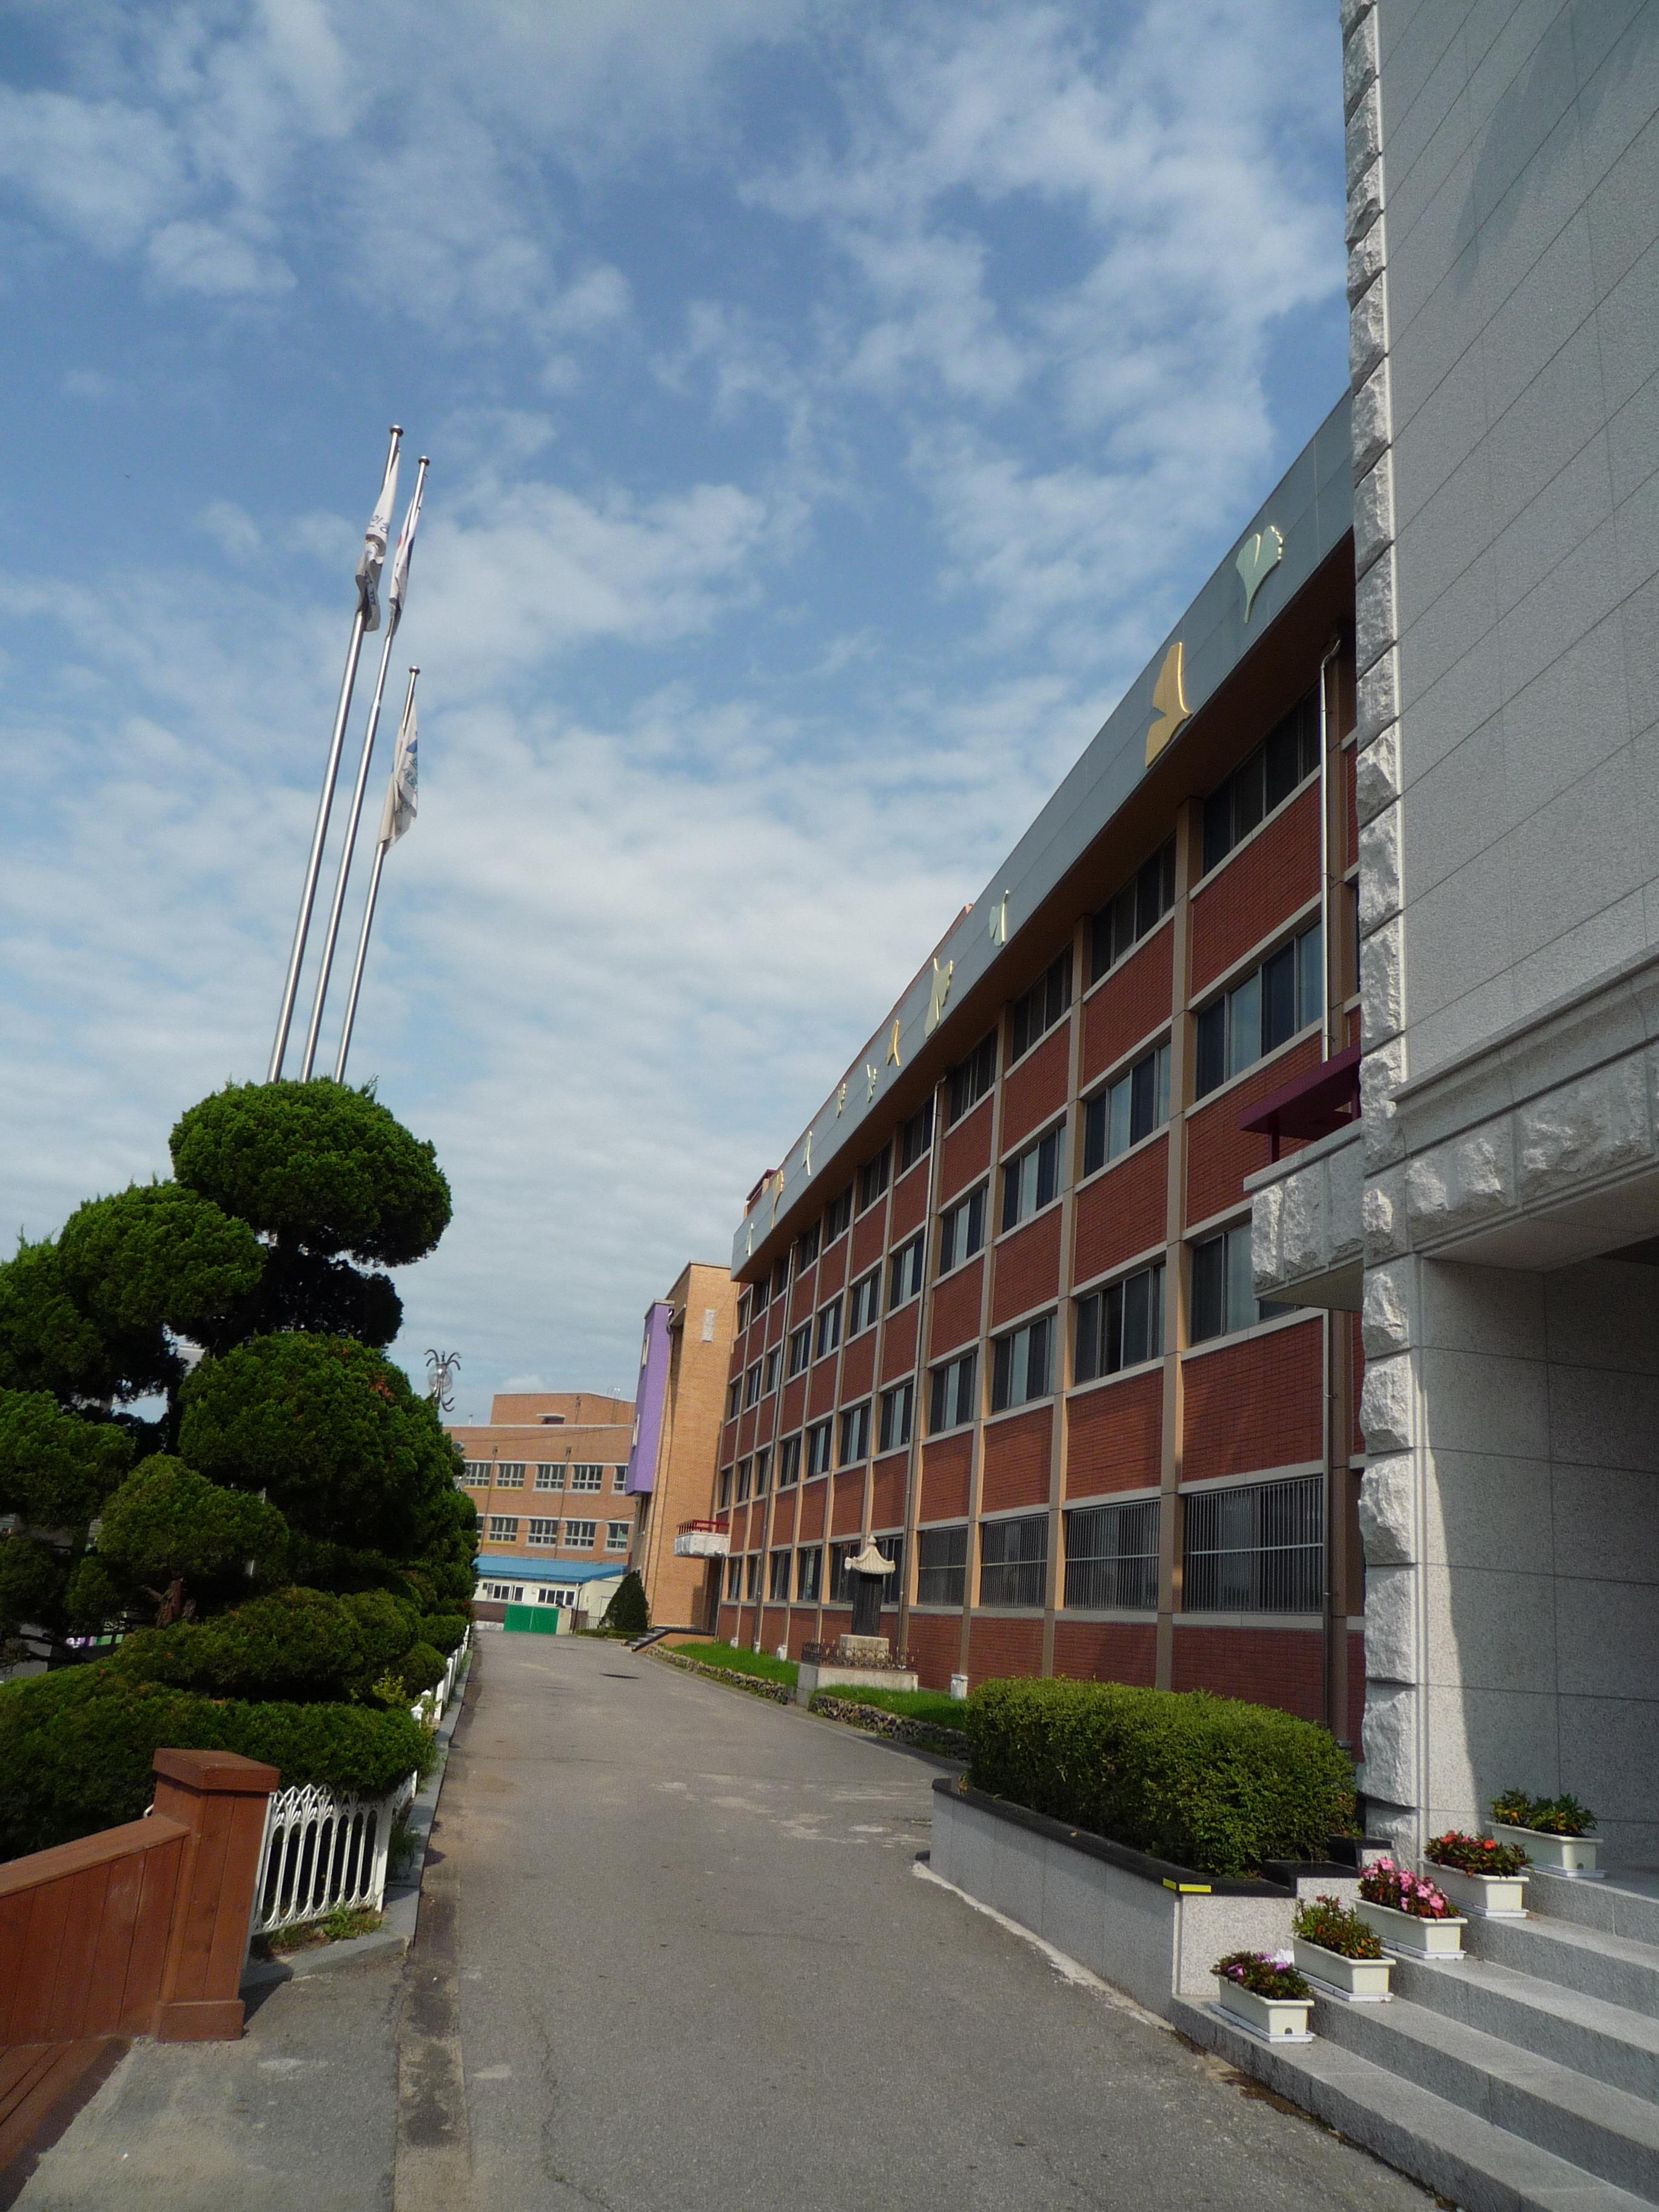 2009/07/23 학교 풍경 첨부이미지